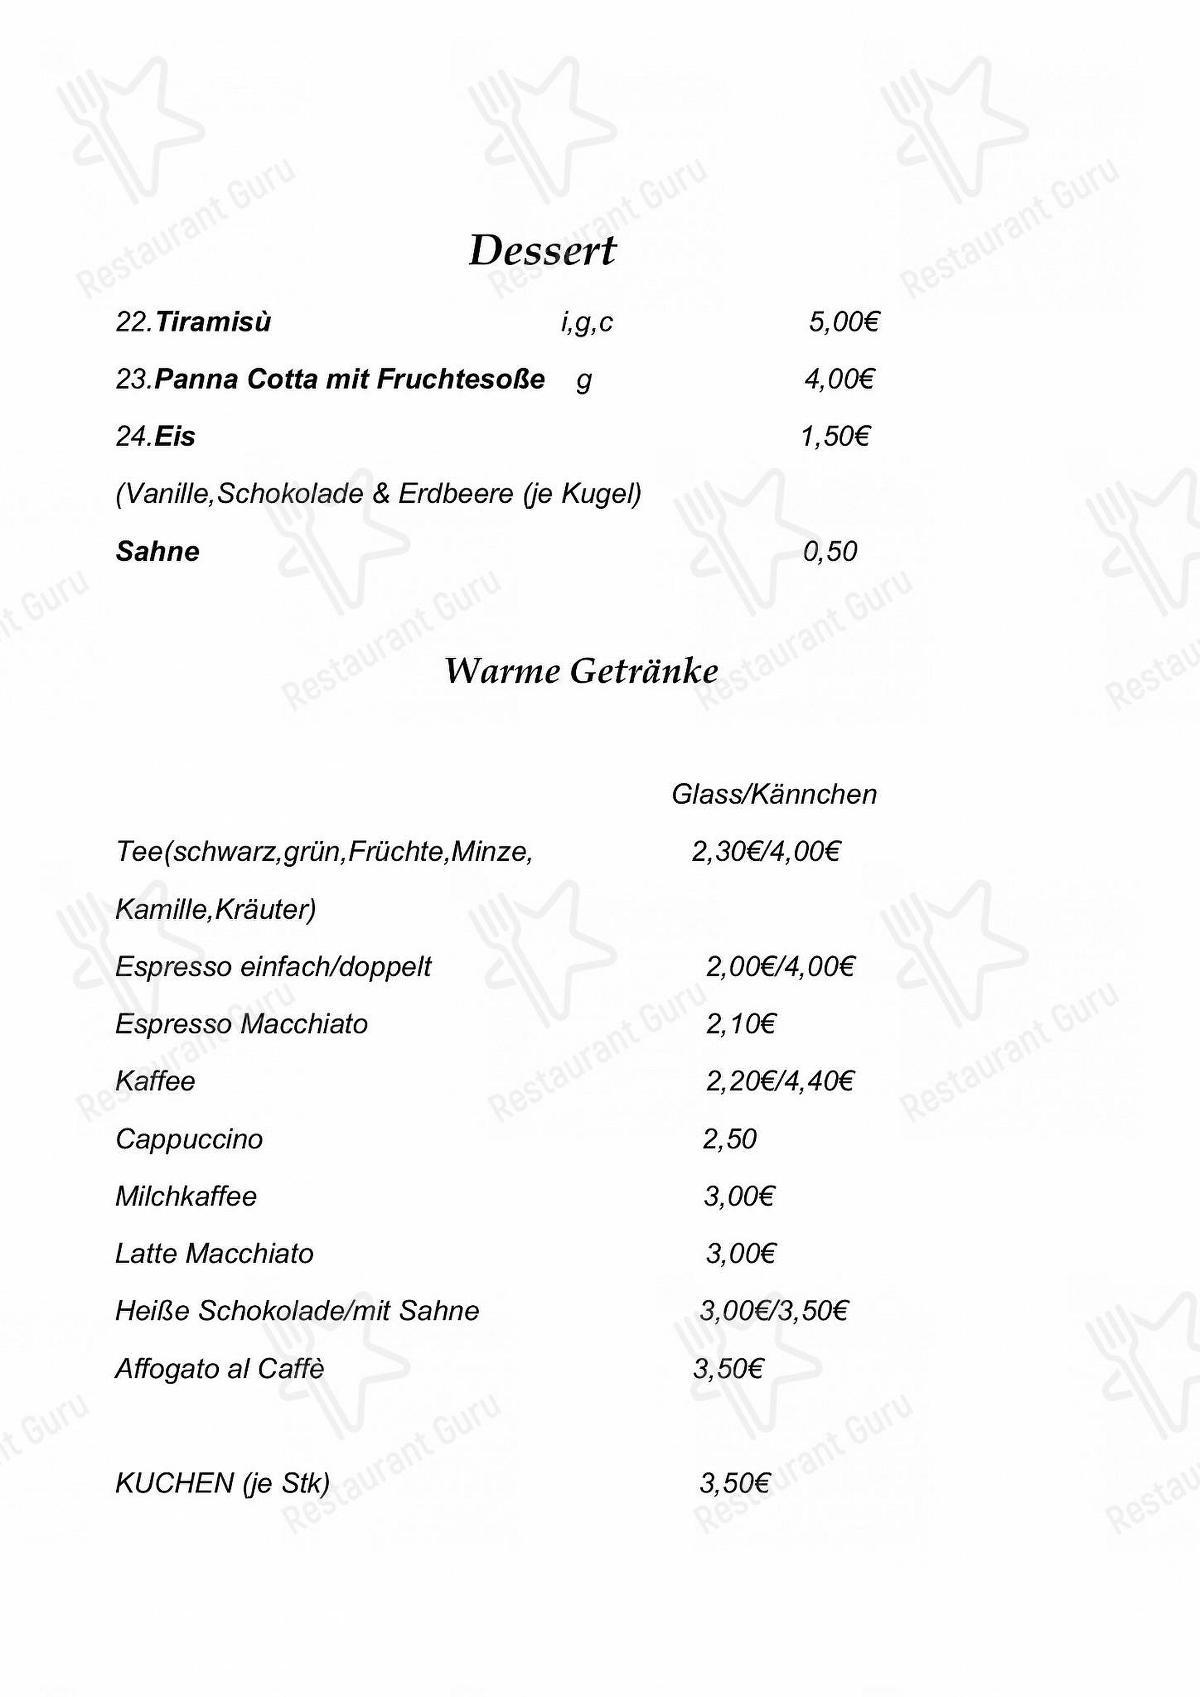 Cafe Ristorante zum Handschuh & Shopping im Modehaus Niebel en Heidelberg - Cafe Ristorante Zum Handschuh menu